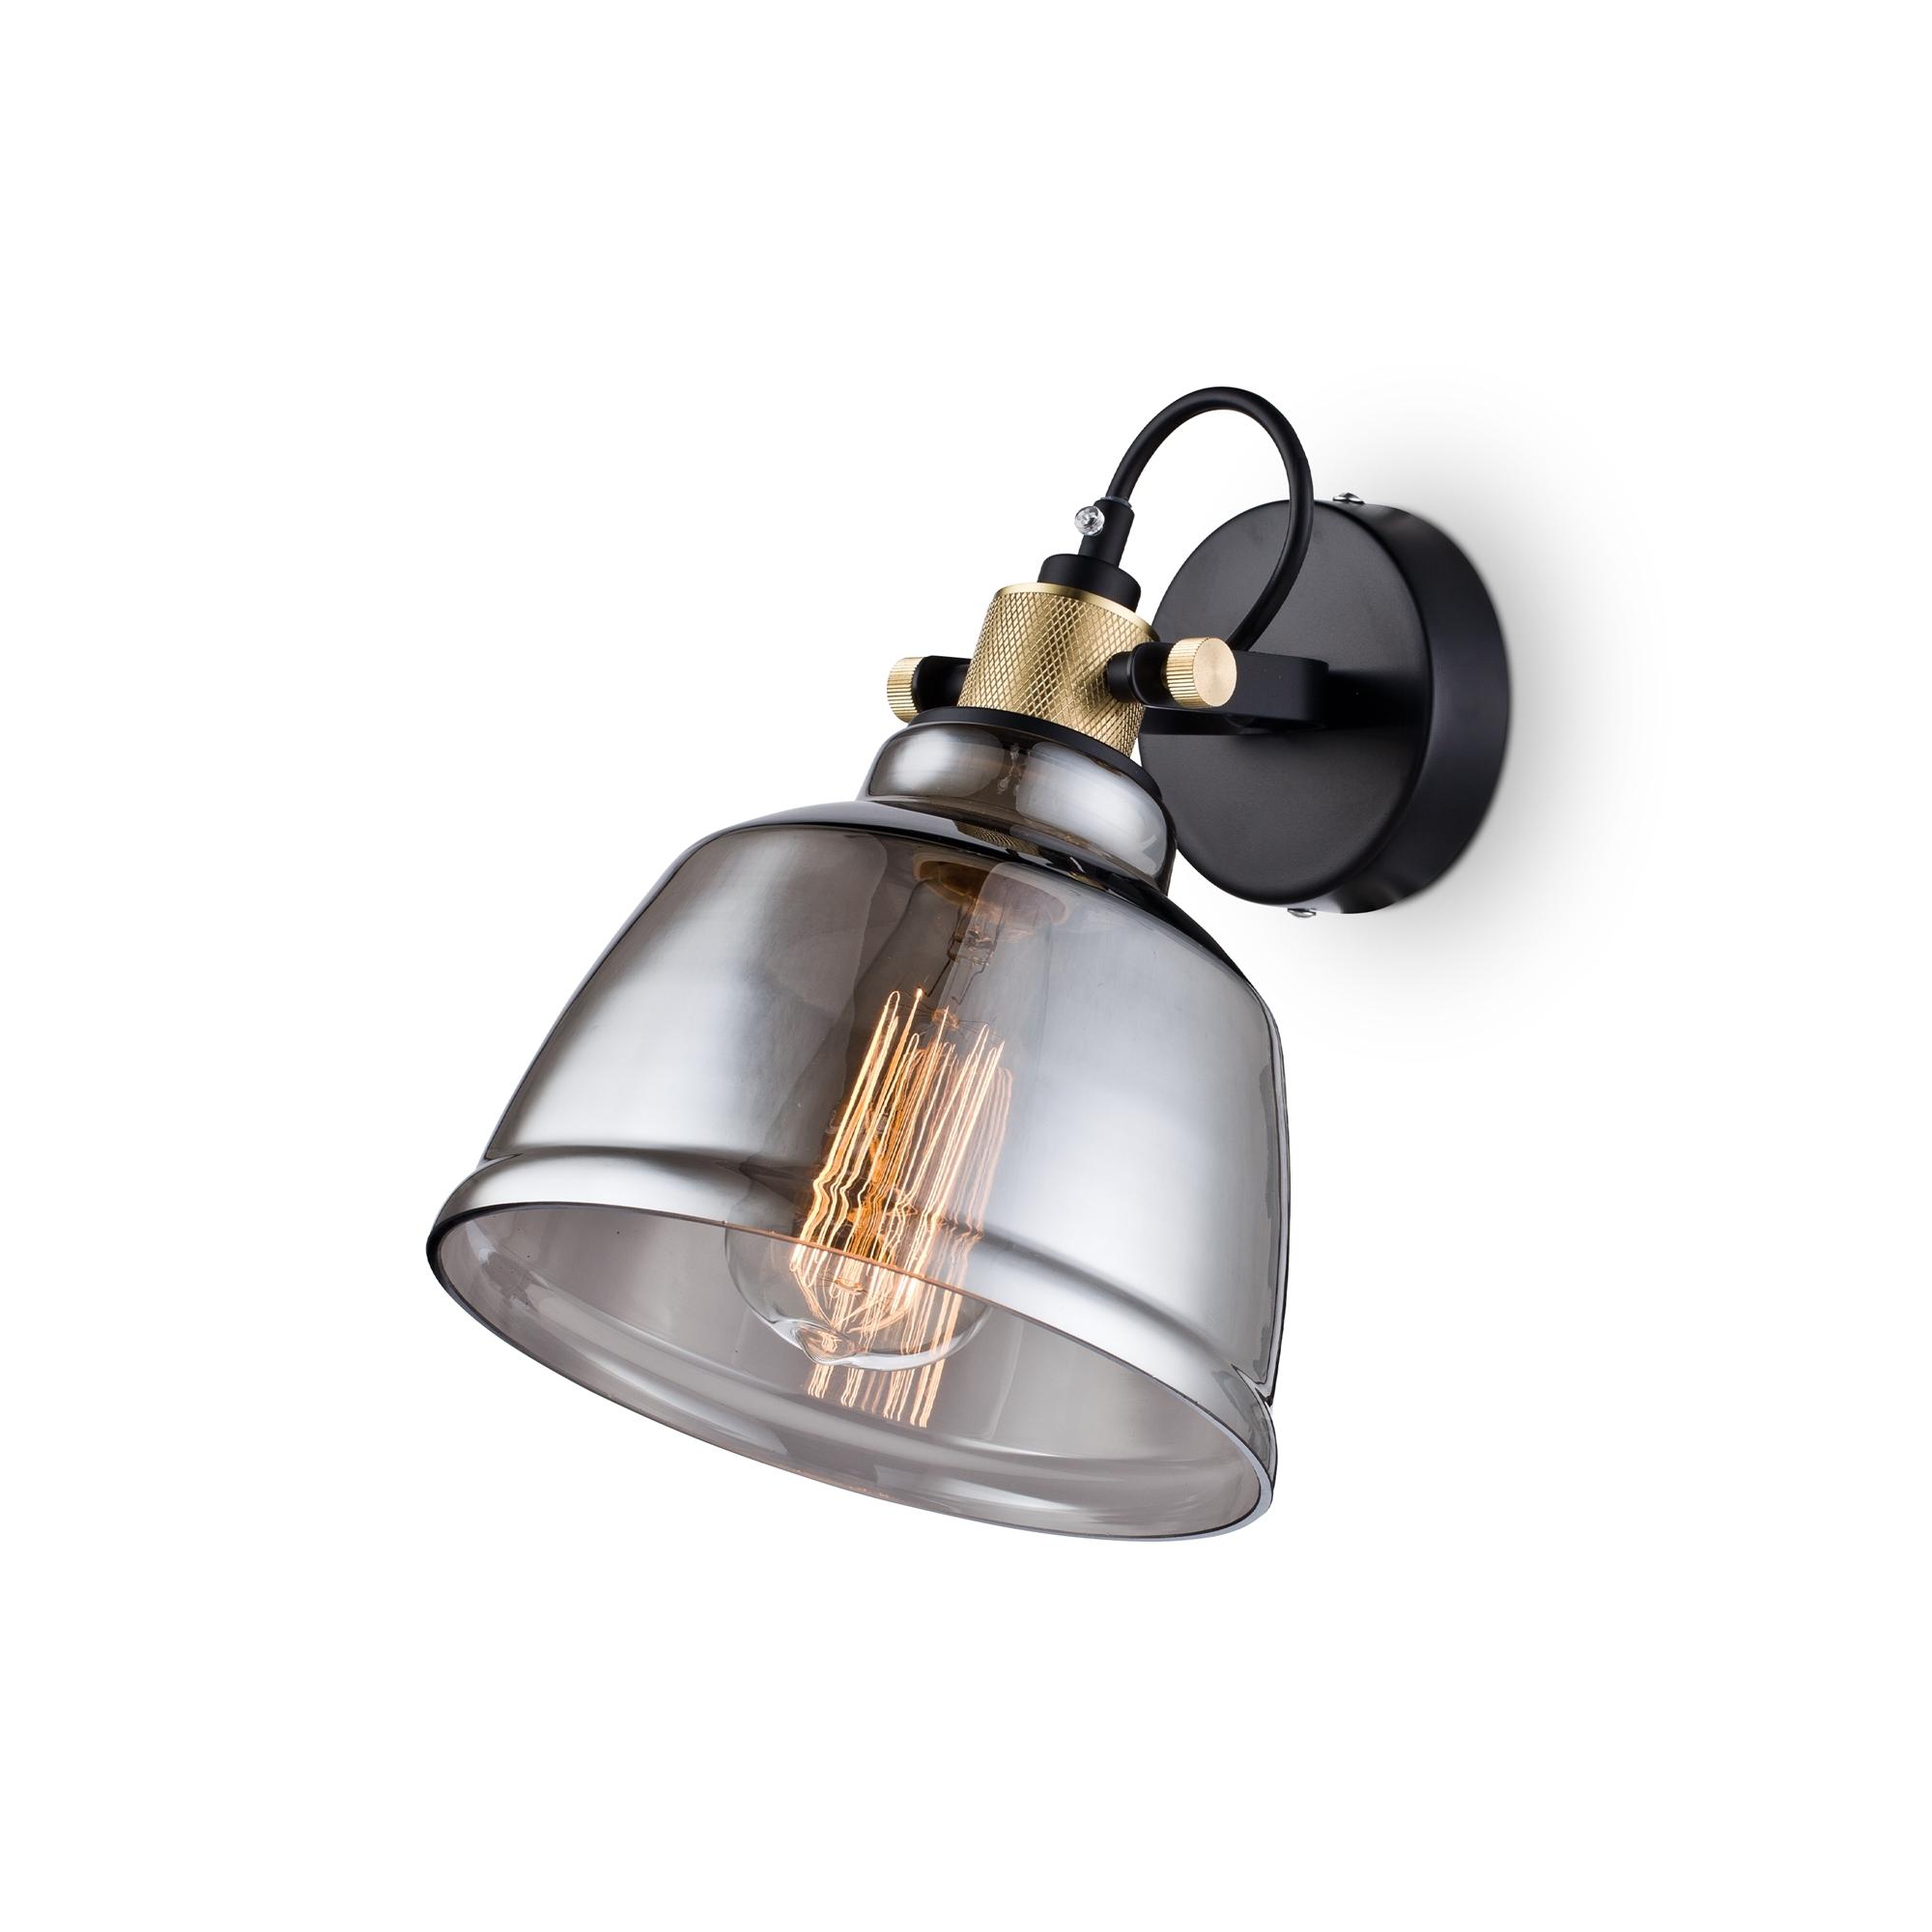 Настенный светильник с регулировкой направления света Maytoni Modern Irving T163-01-C, 1xE27x40W, черный, дымчатый, металл, стекло - фото 1